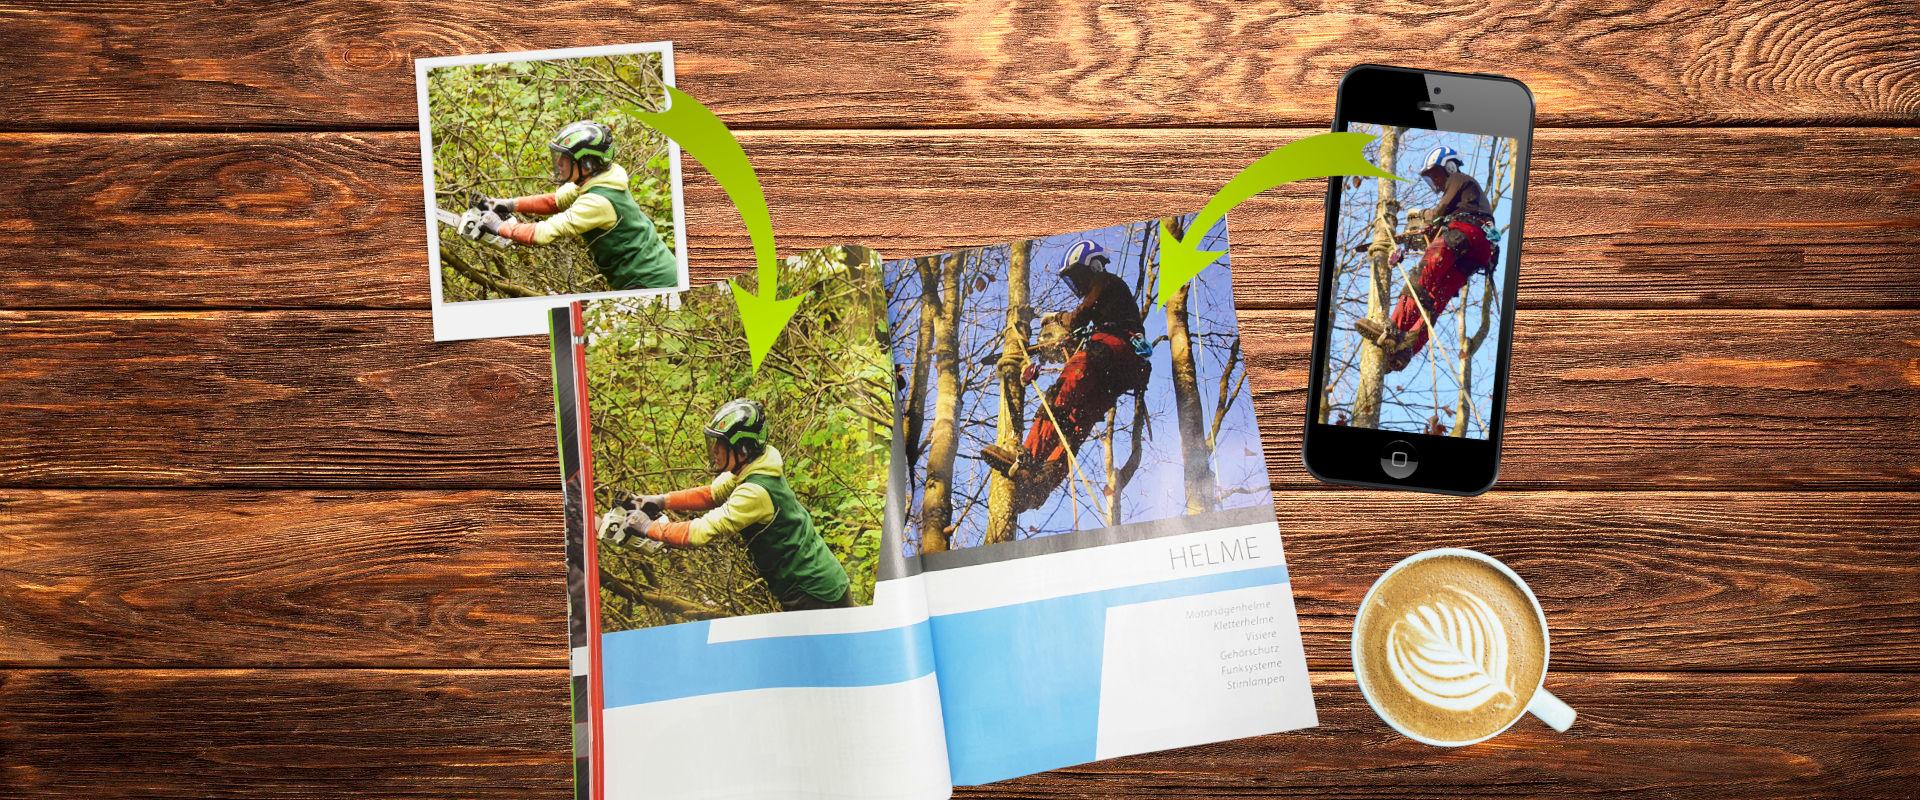 Permalink zu:Dein Foto im Freeworker-Katalog